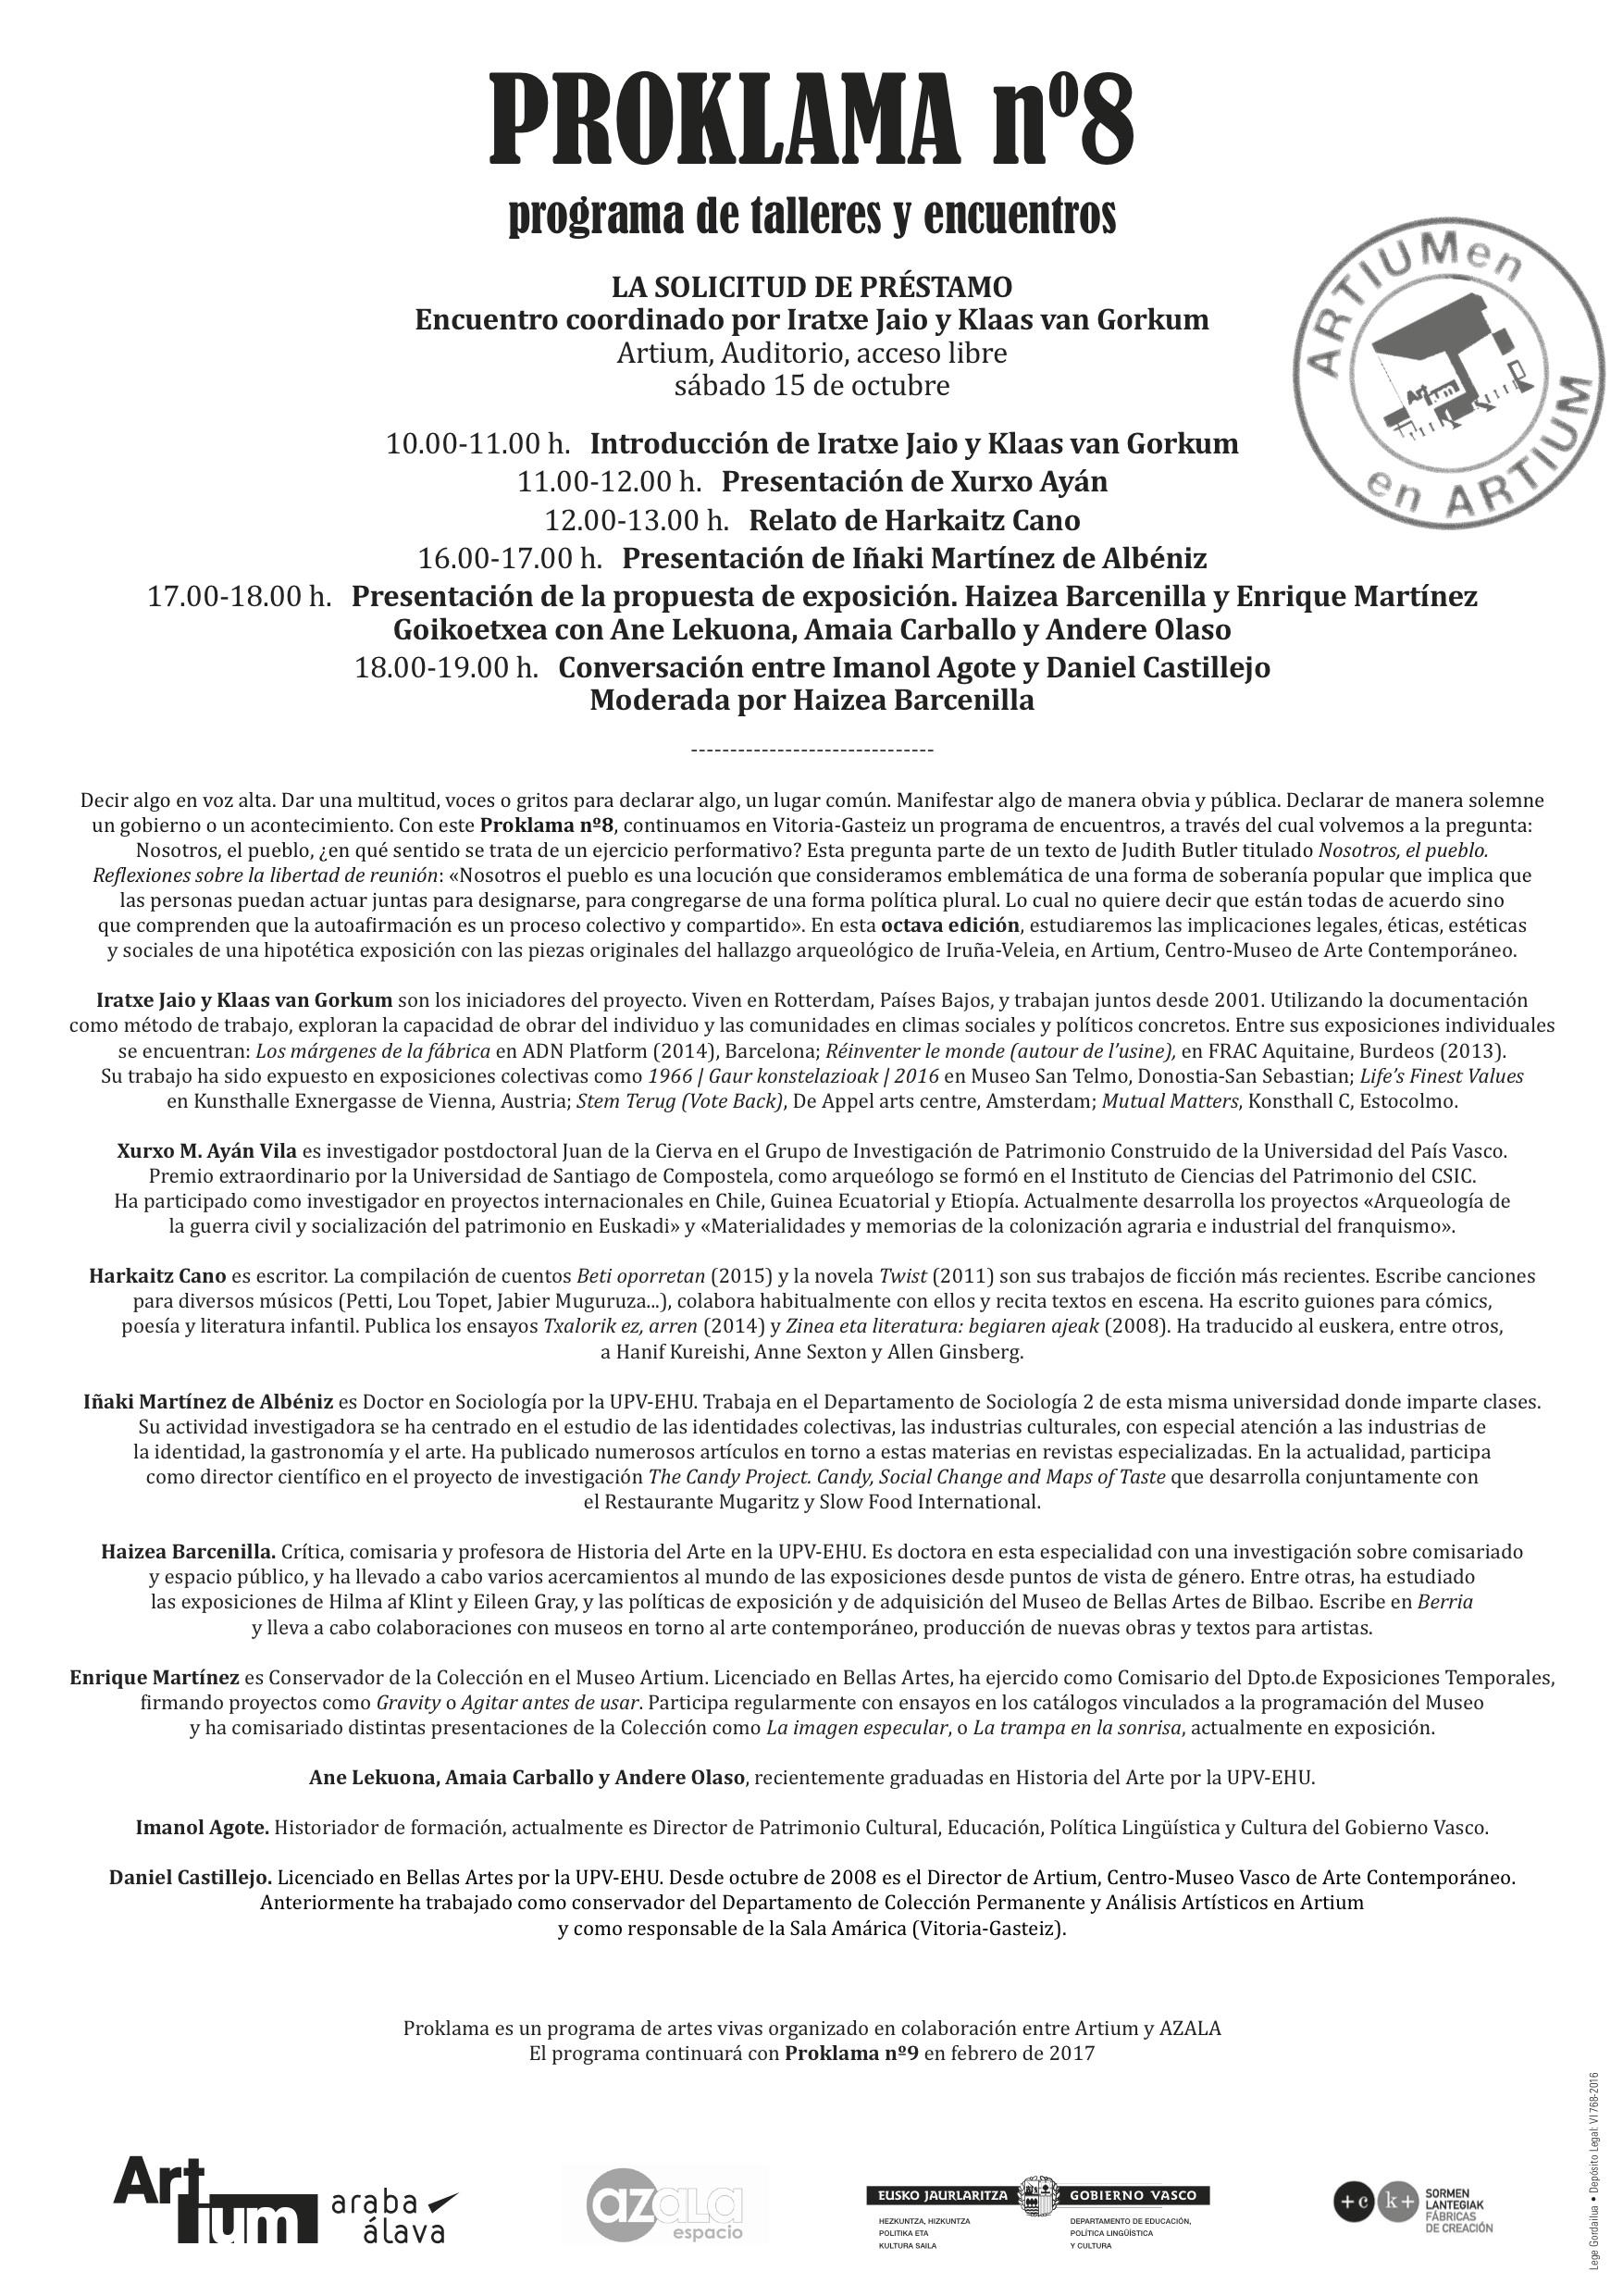 2-proklama8-es